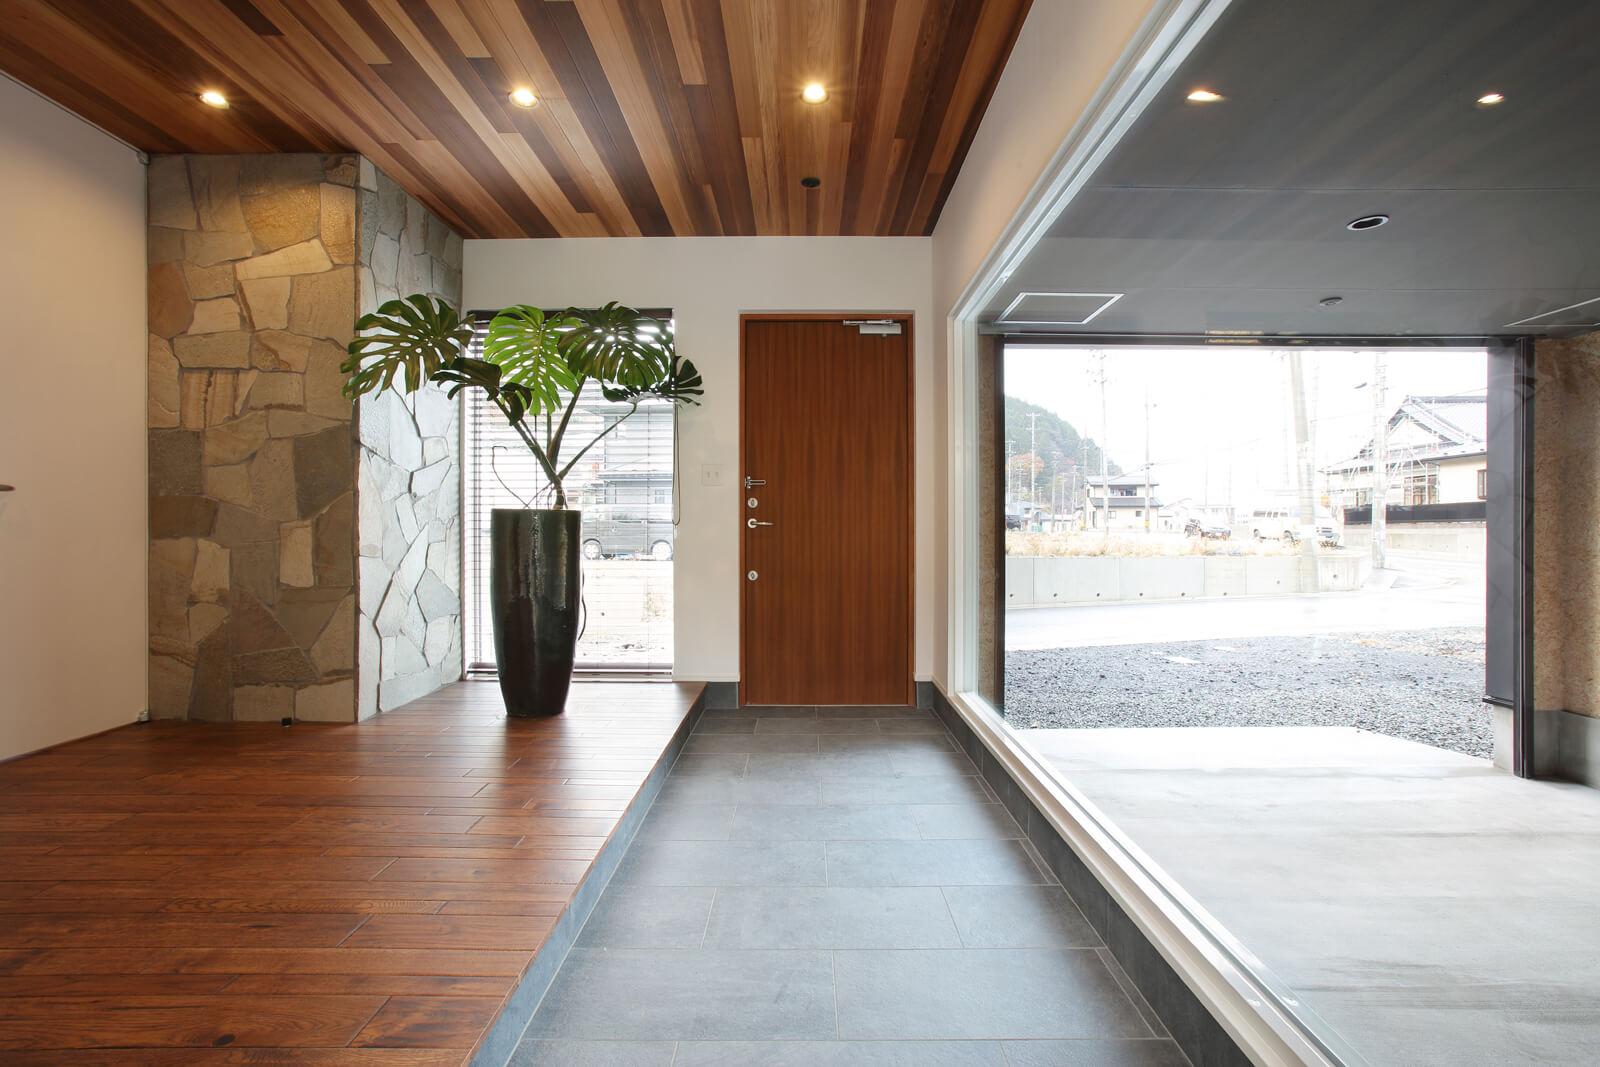 ゆったり広い玄関ホールは、この家の「顔」。特大サイズのガラス越しに愛車を眺めるダイナミックなプラン